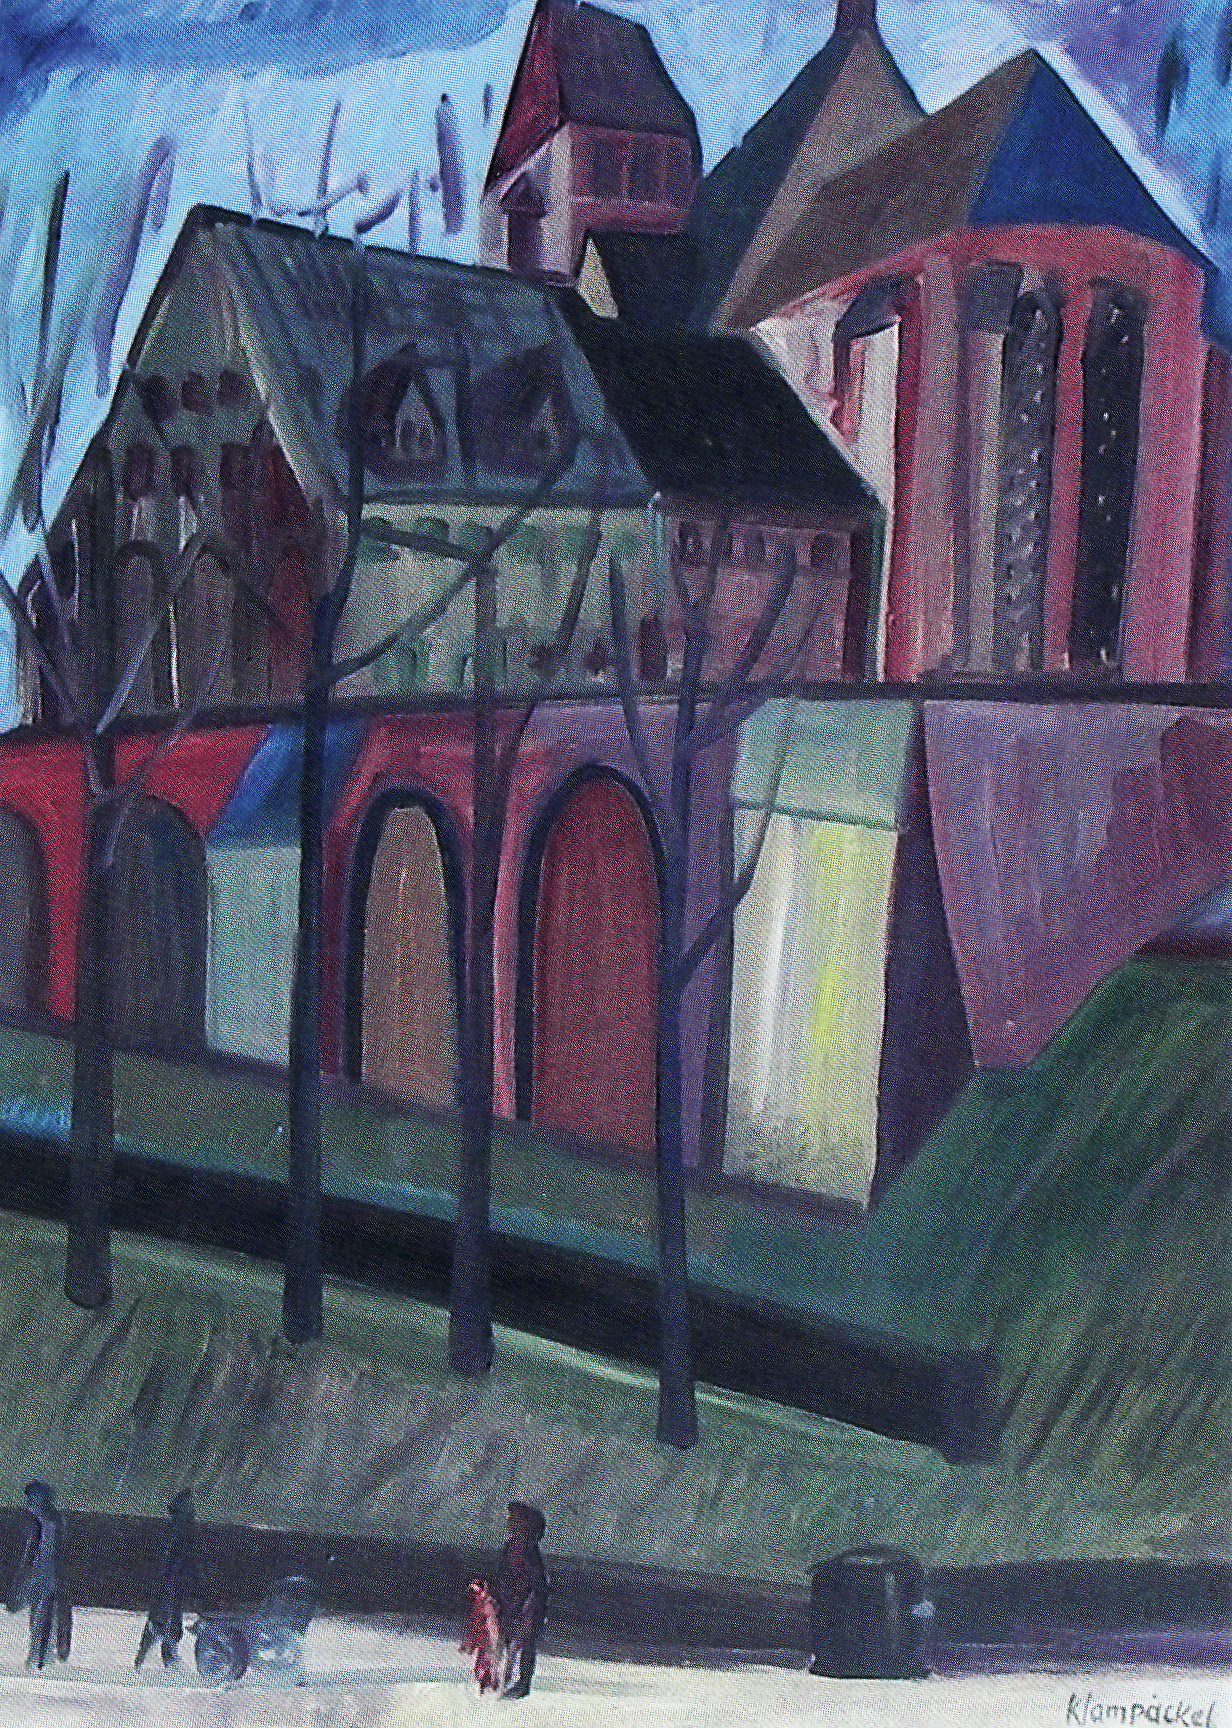 """CityCard_Nr. 6: Die Schloßkirche"""" (Ausschnitt), Öl auf Leinwand, um 1960 - das Bild gehört seit Dezember 2008 zur Sammlung des Schloßbergmuseums Chemnitz."""